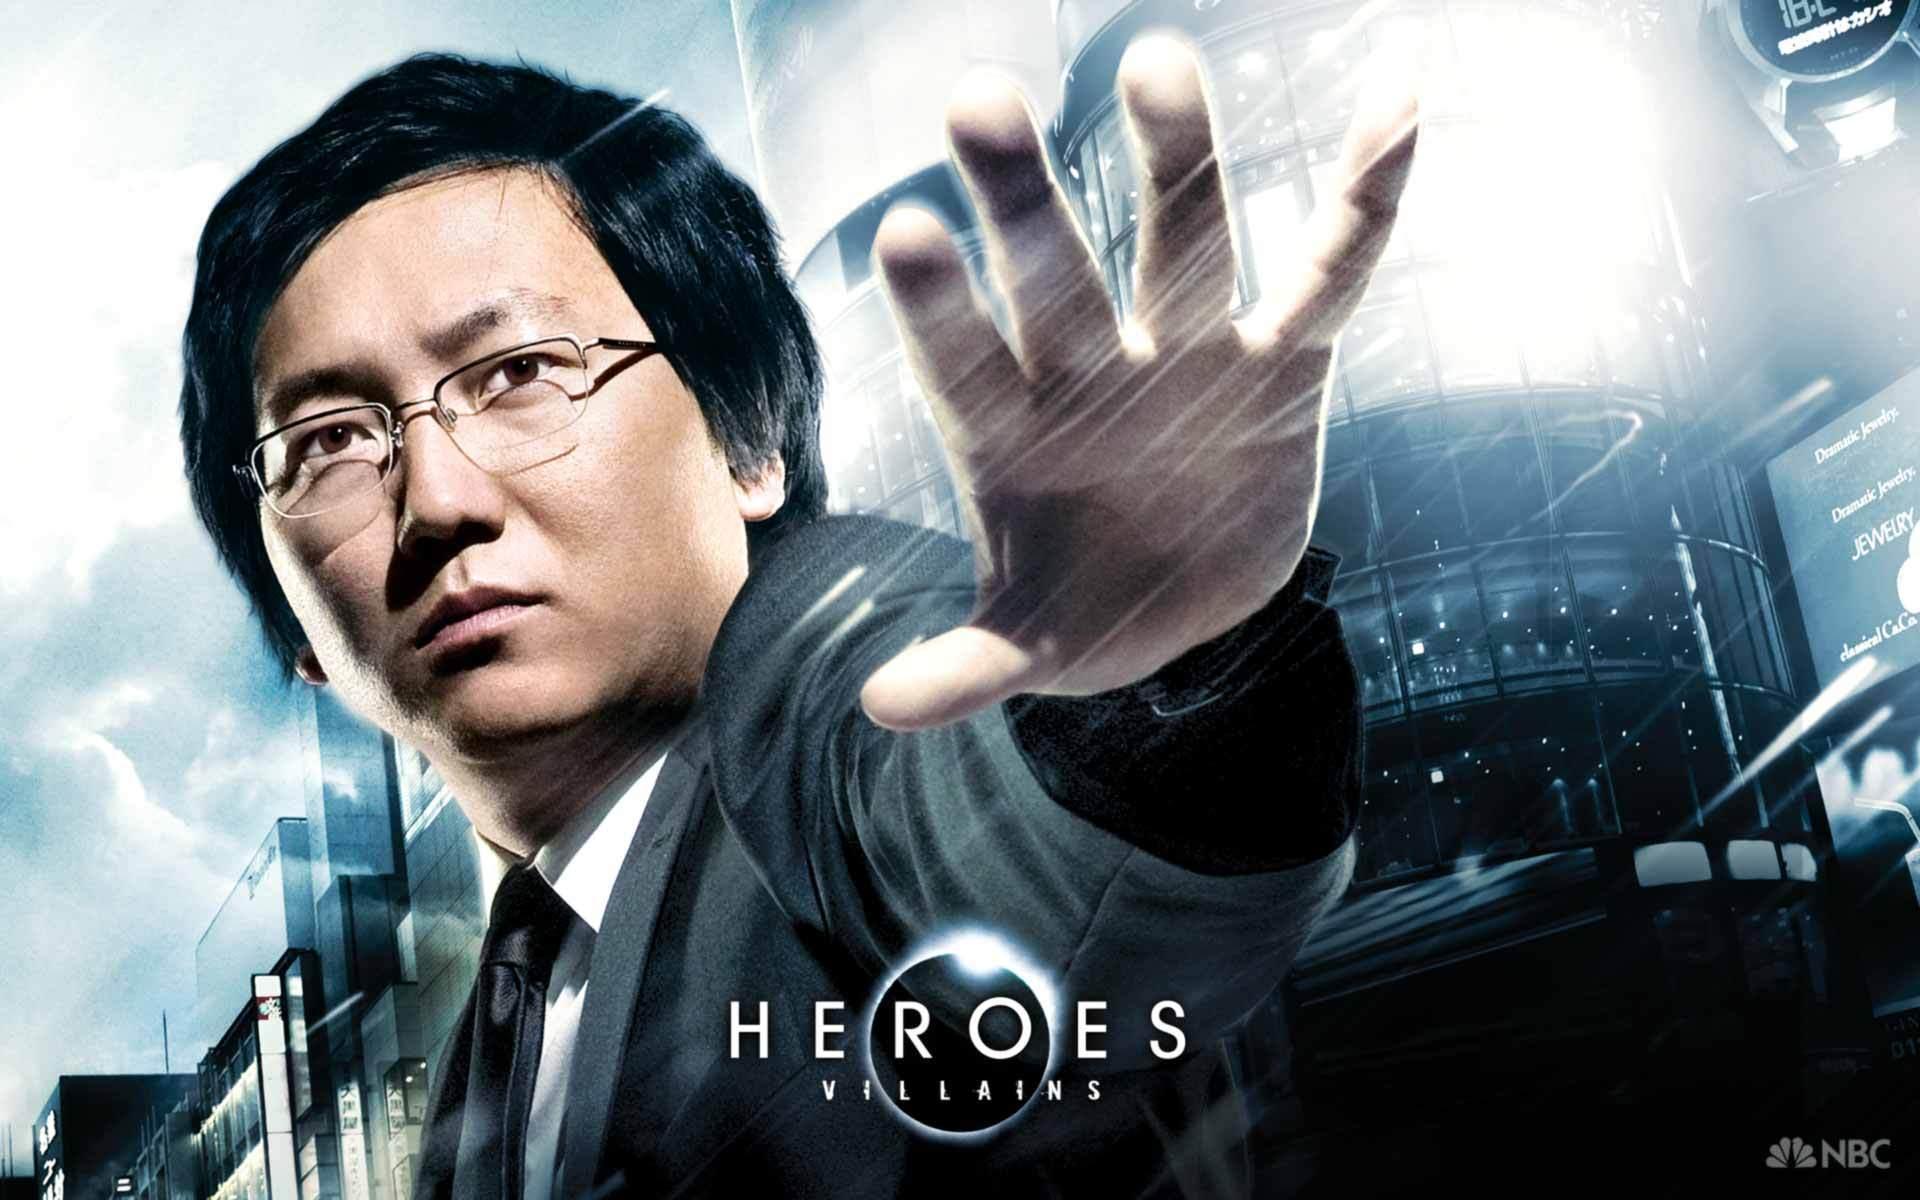 heroes s3 wallpaper - photo #4